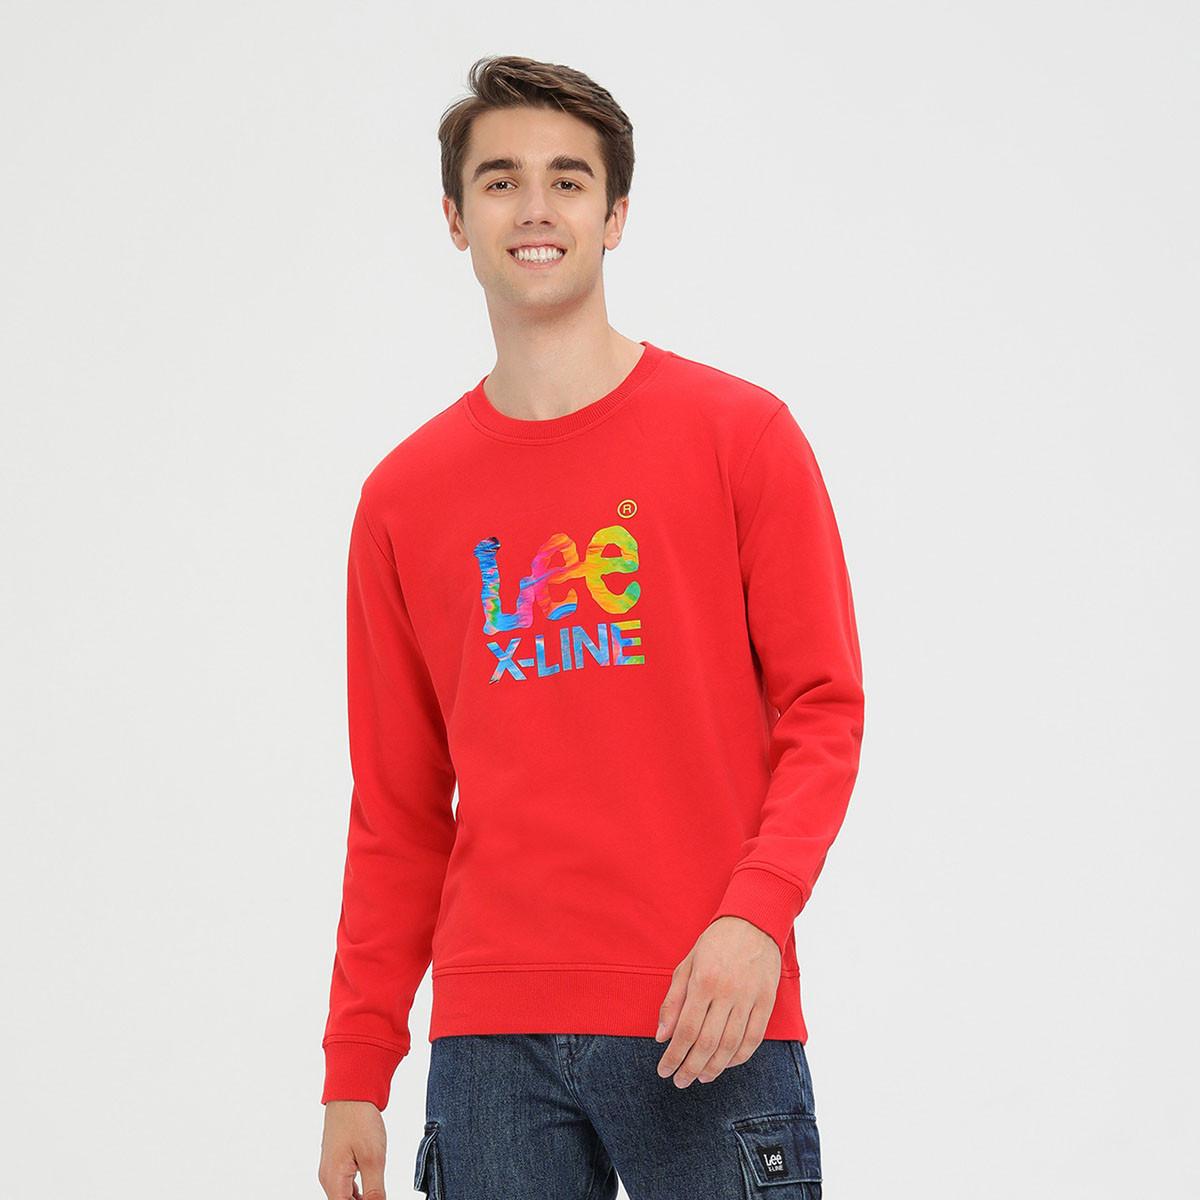 LEE XLINE男款2019秋冬新款标准版型长袖卫衣